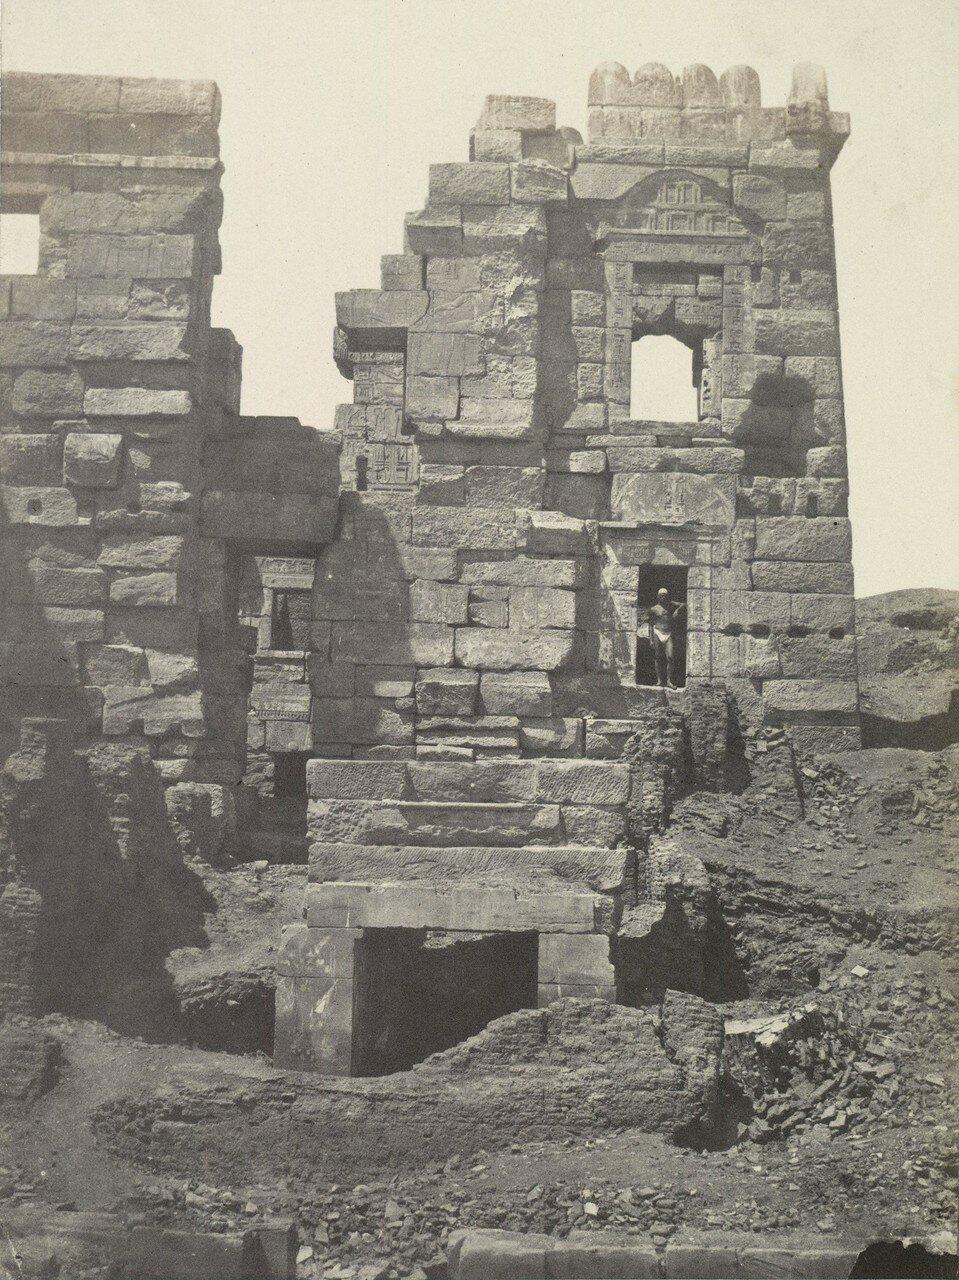 Мединет-Абу. Северная часть храма Рамзеса III. 1849